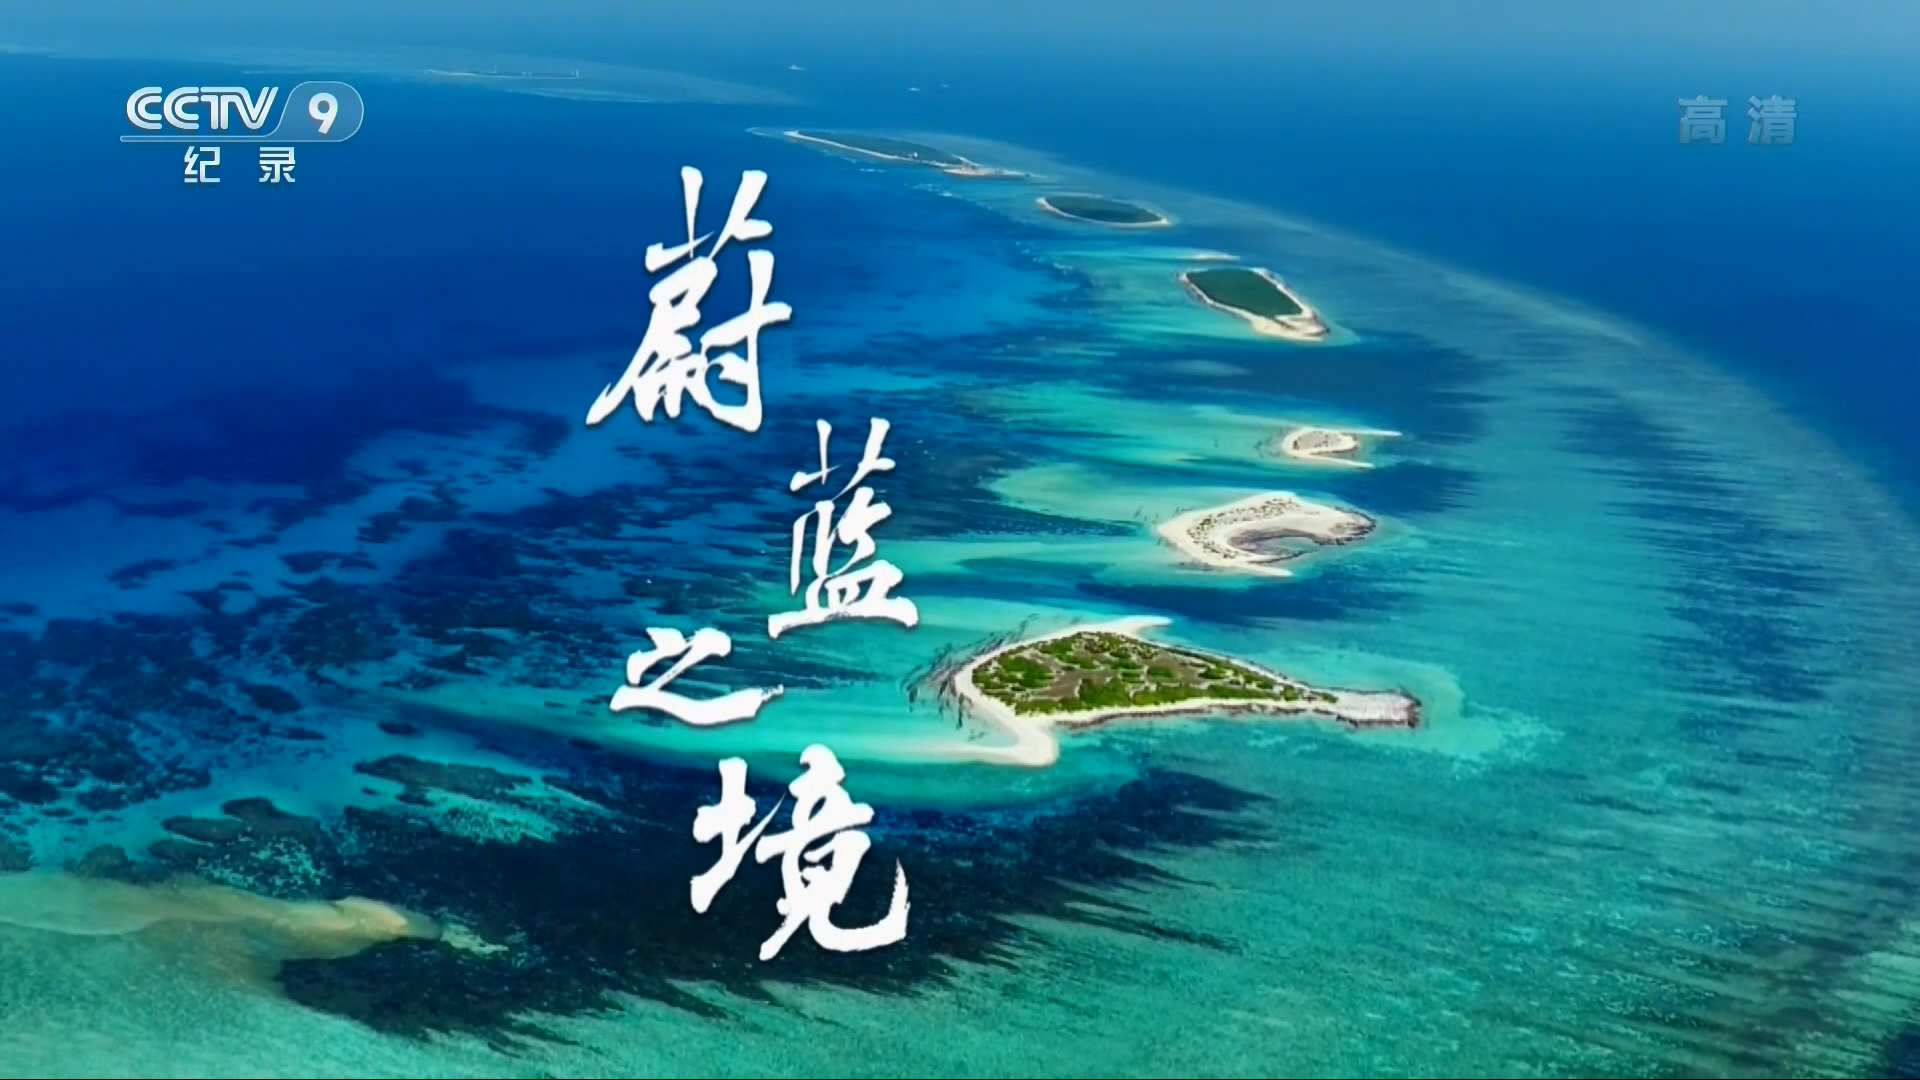 《蔚蓝之境》6集全中国海洋自己的第一部自然类纪录片1080P